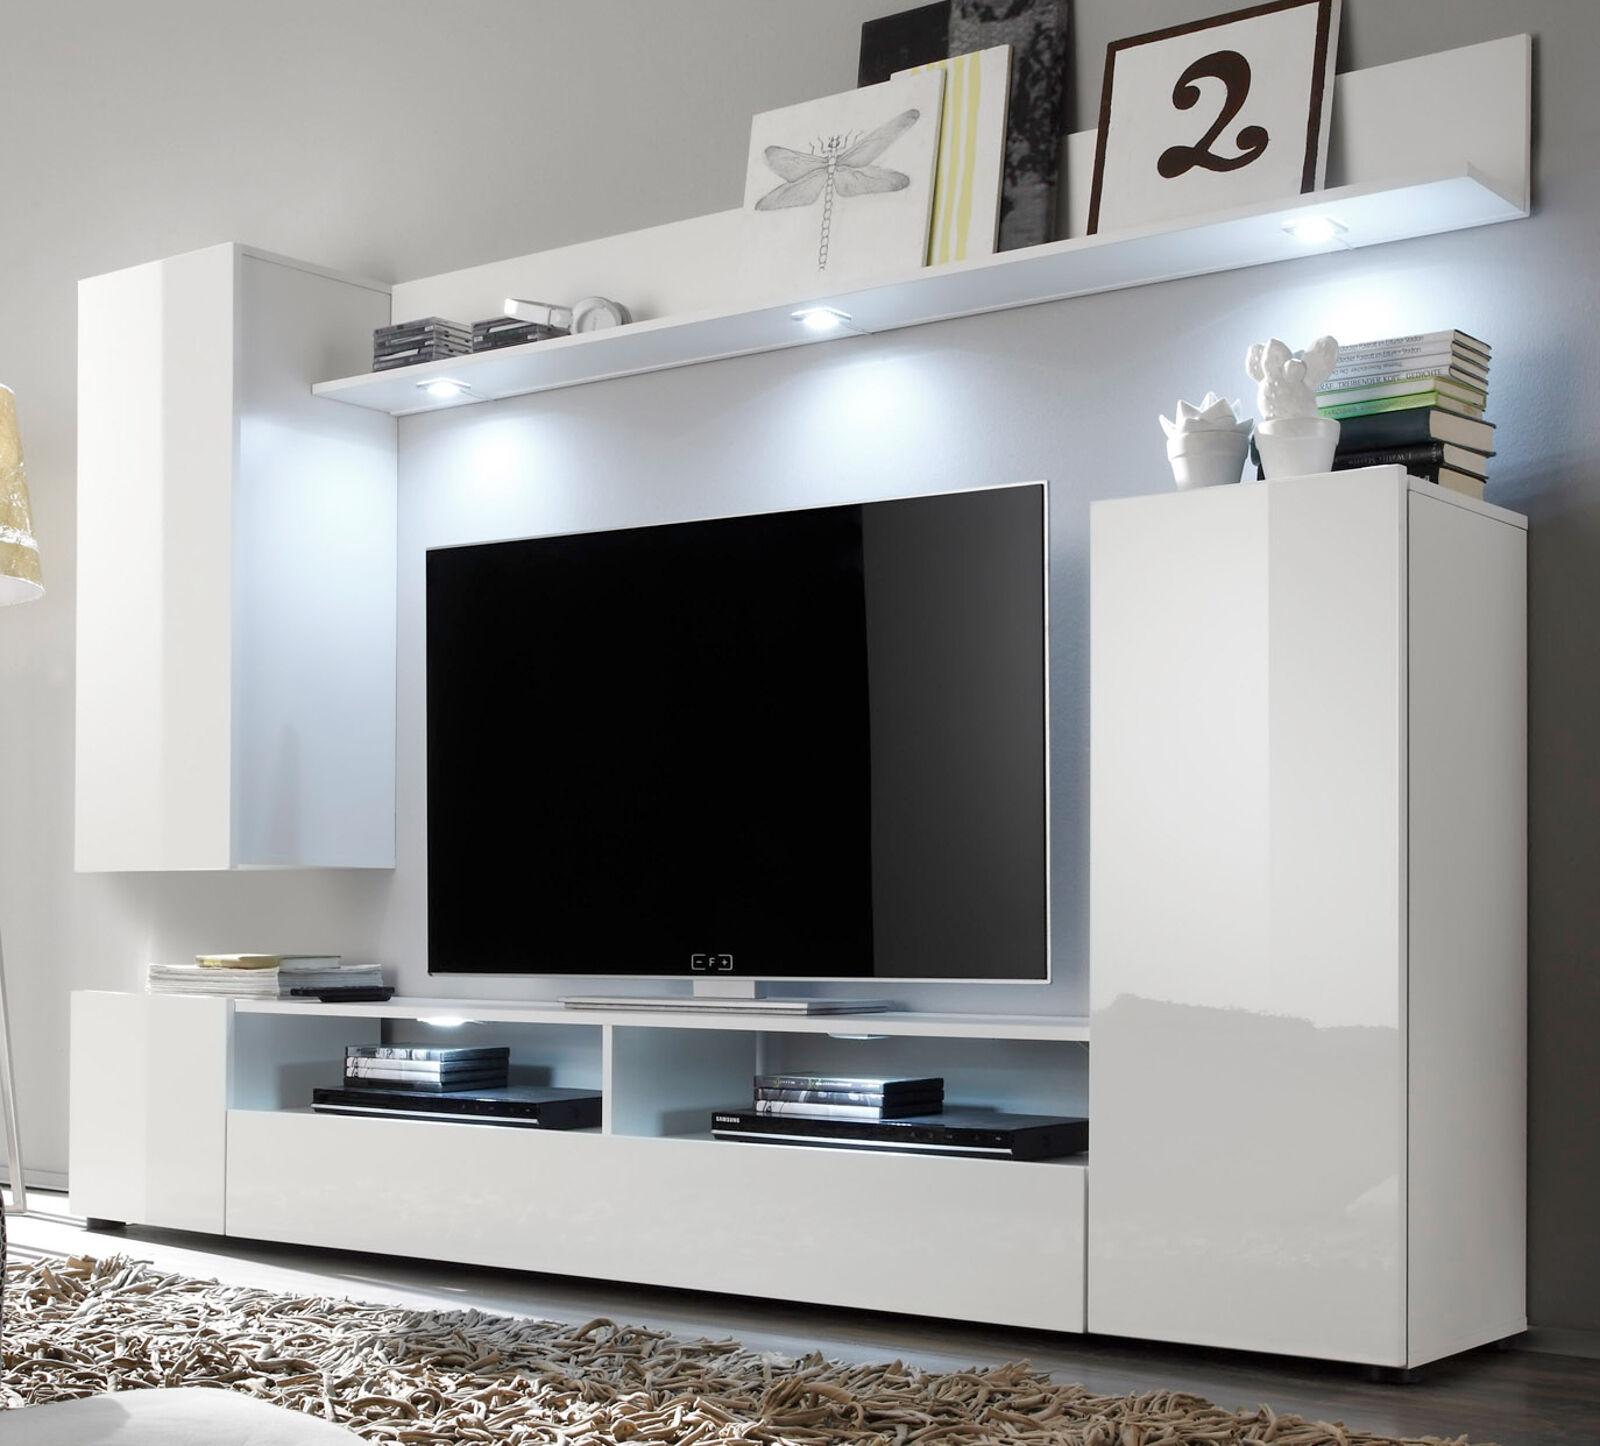 Wohnwand weiß Hochglanz Fernsehschrank Wohnzimmer TV/HiFi Möbel Medienwand DOS